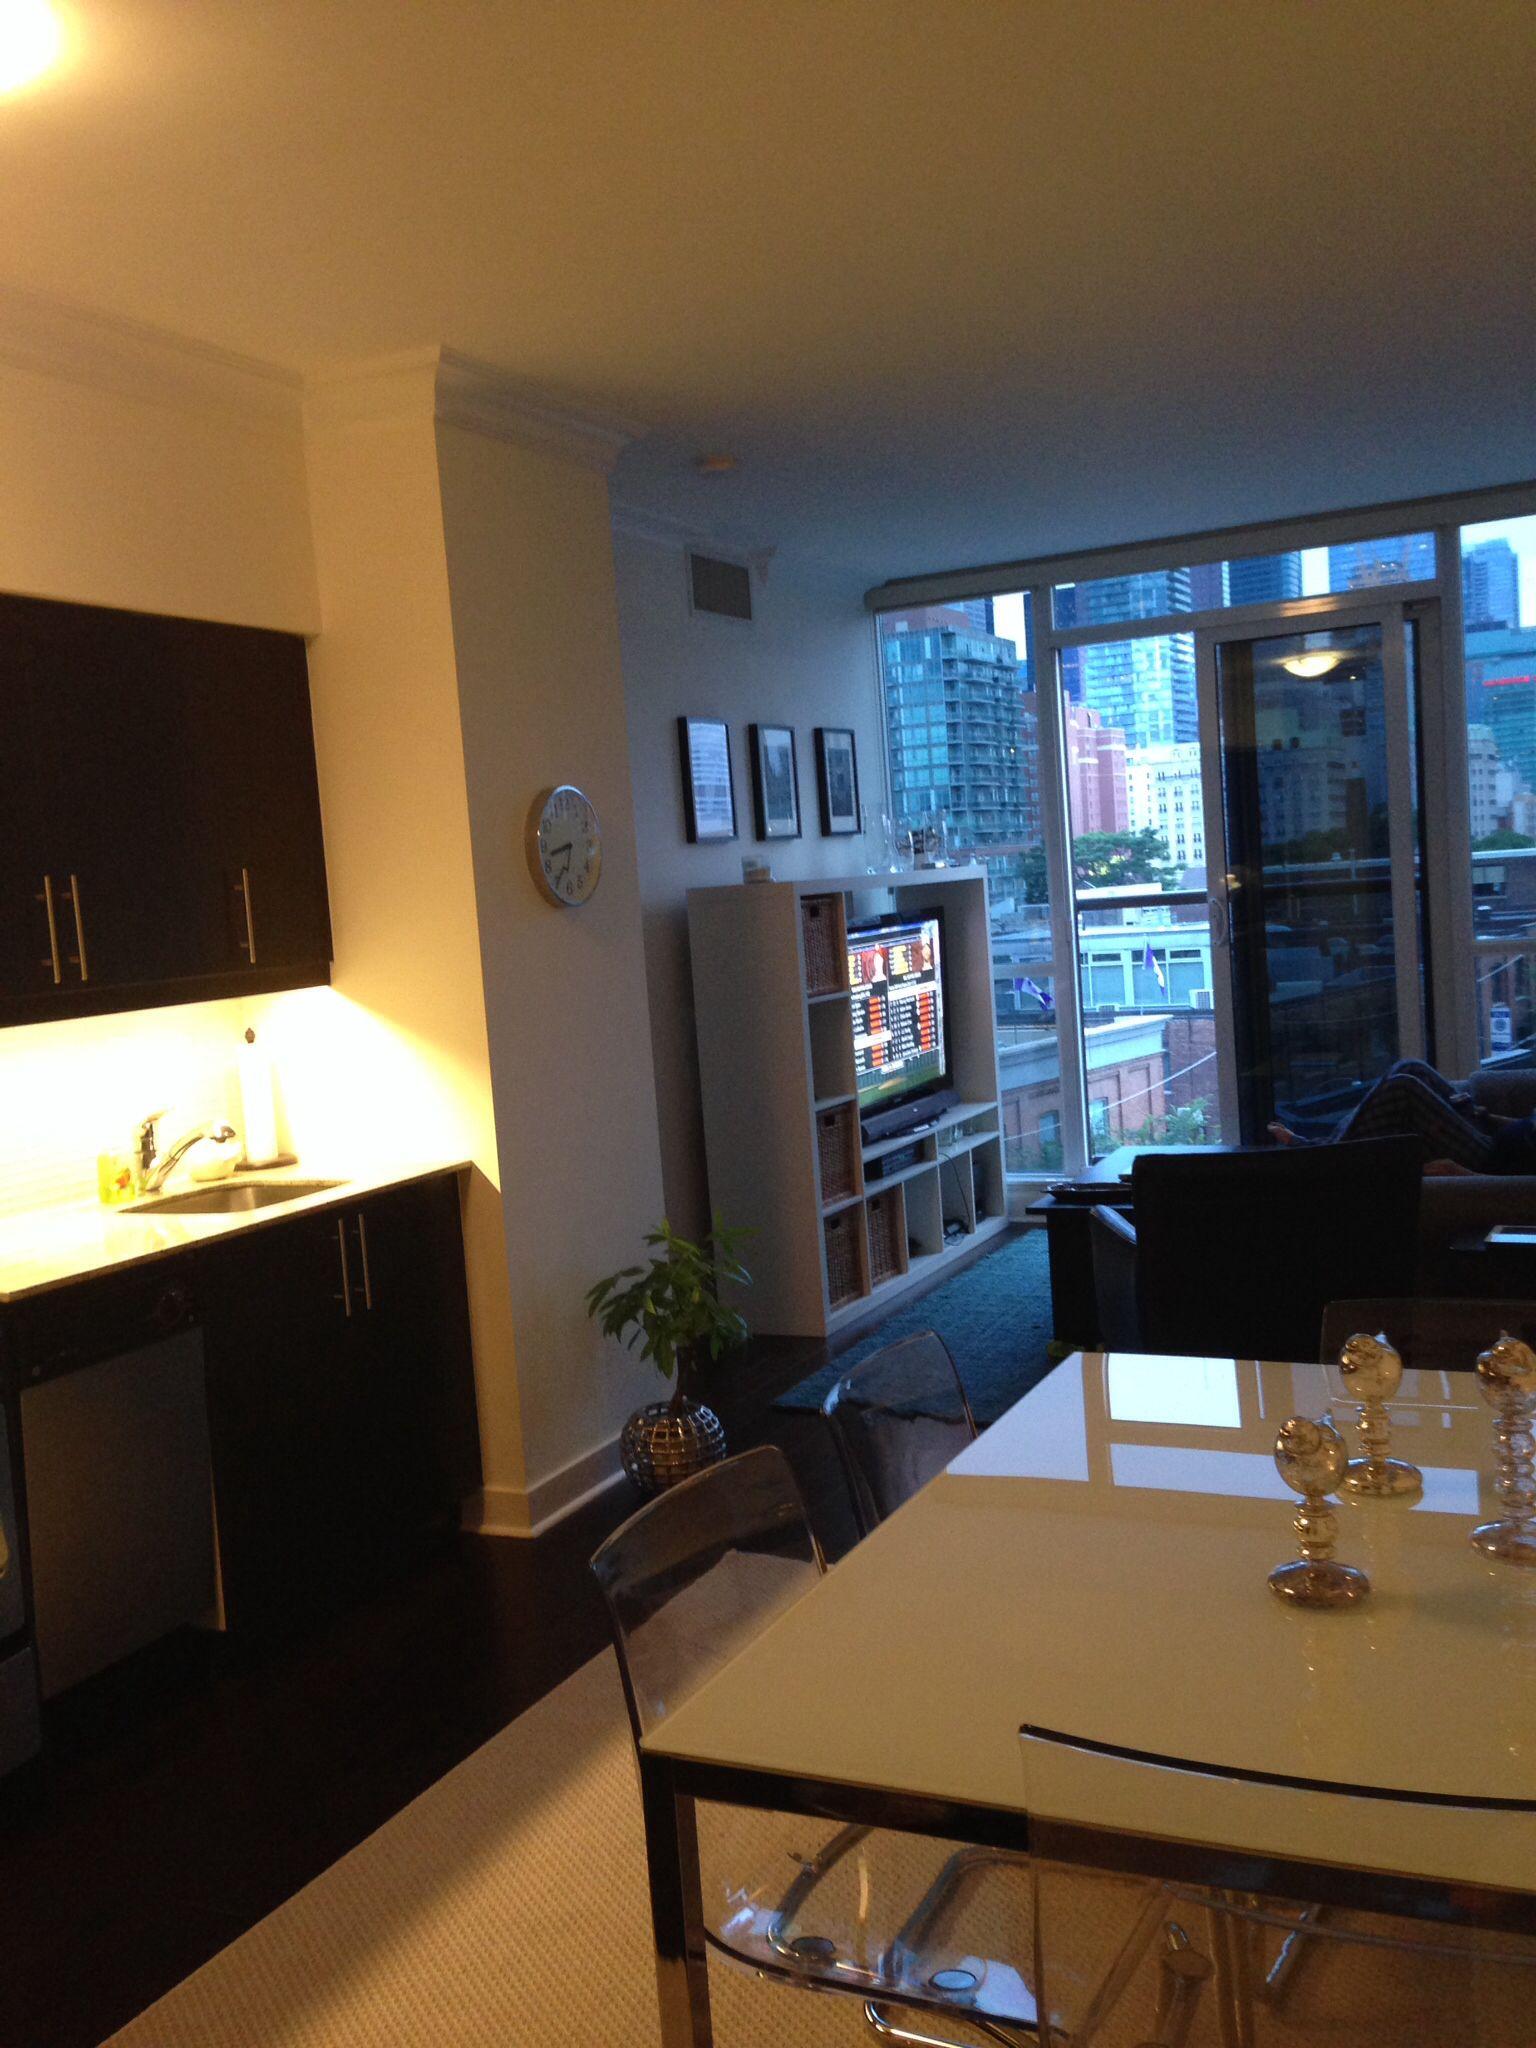 torsby  tobias ikea urbanbarn home for the home interior design ideas living room apartment apartment living room interior design photos